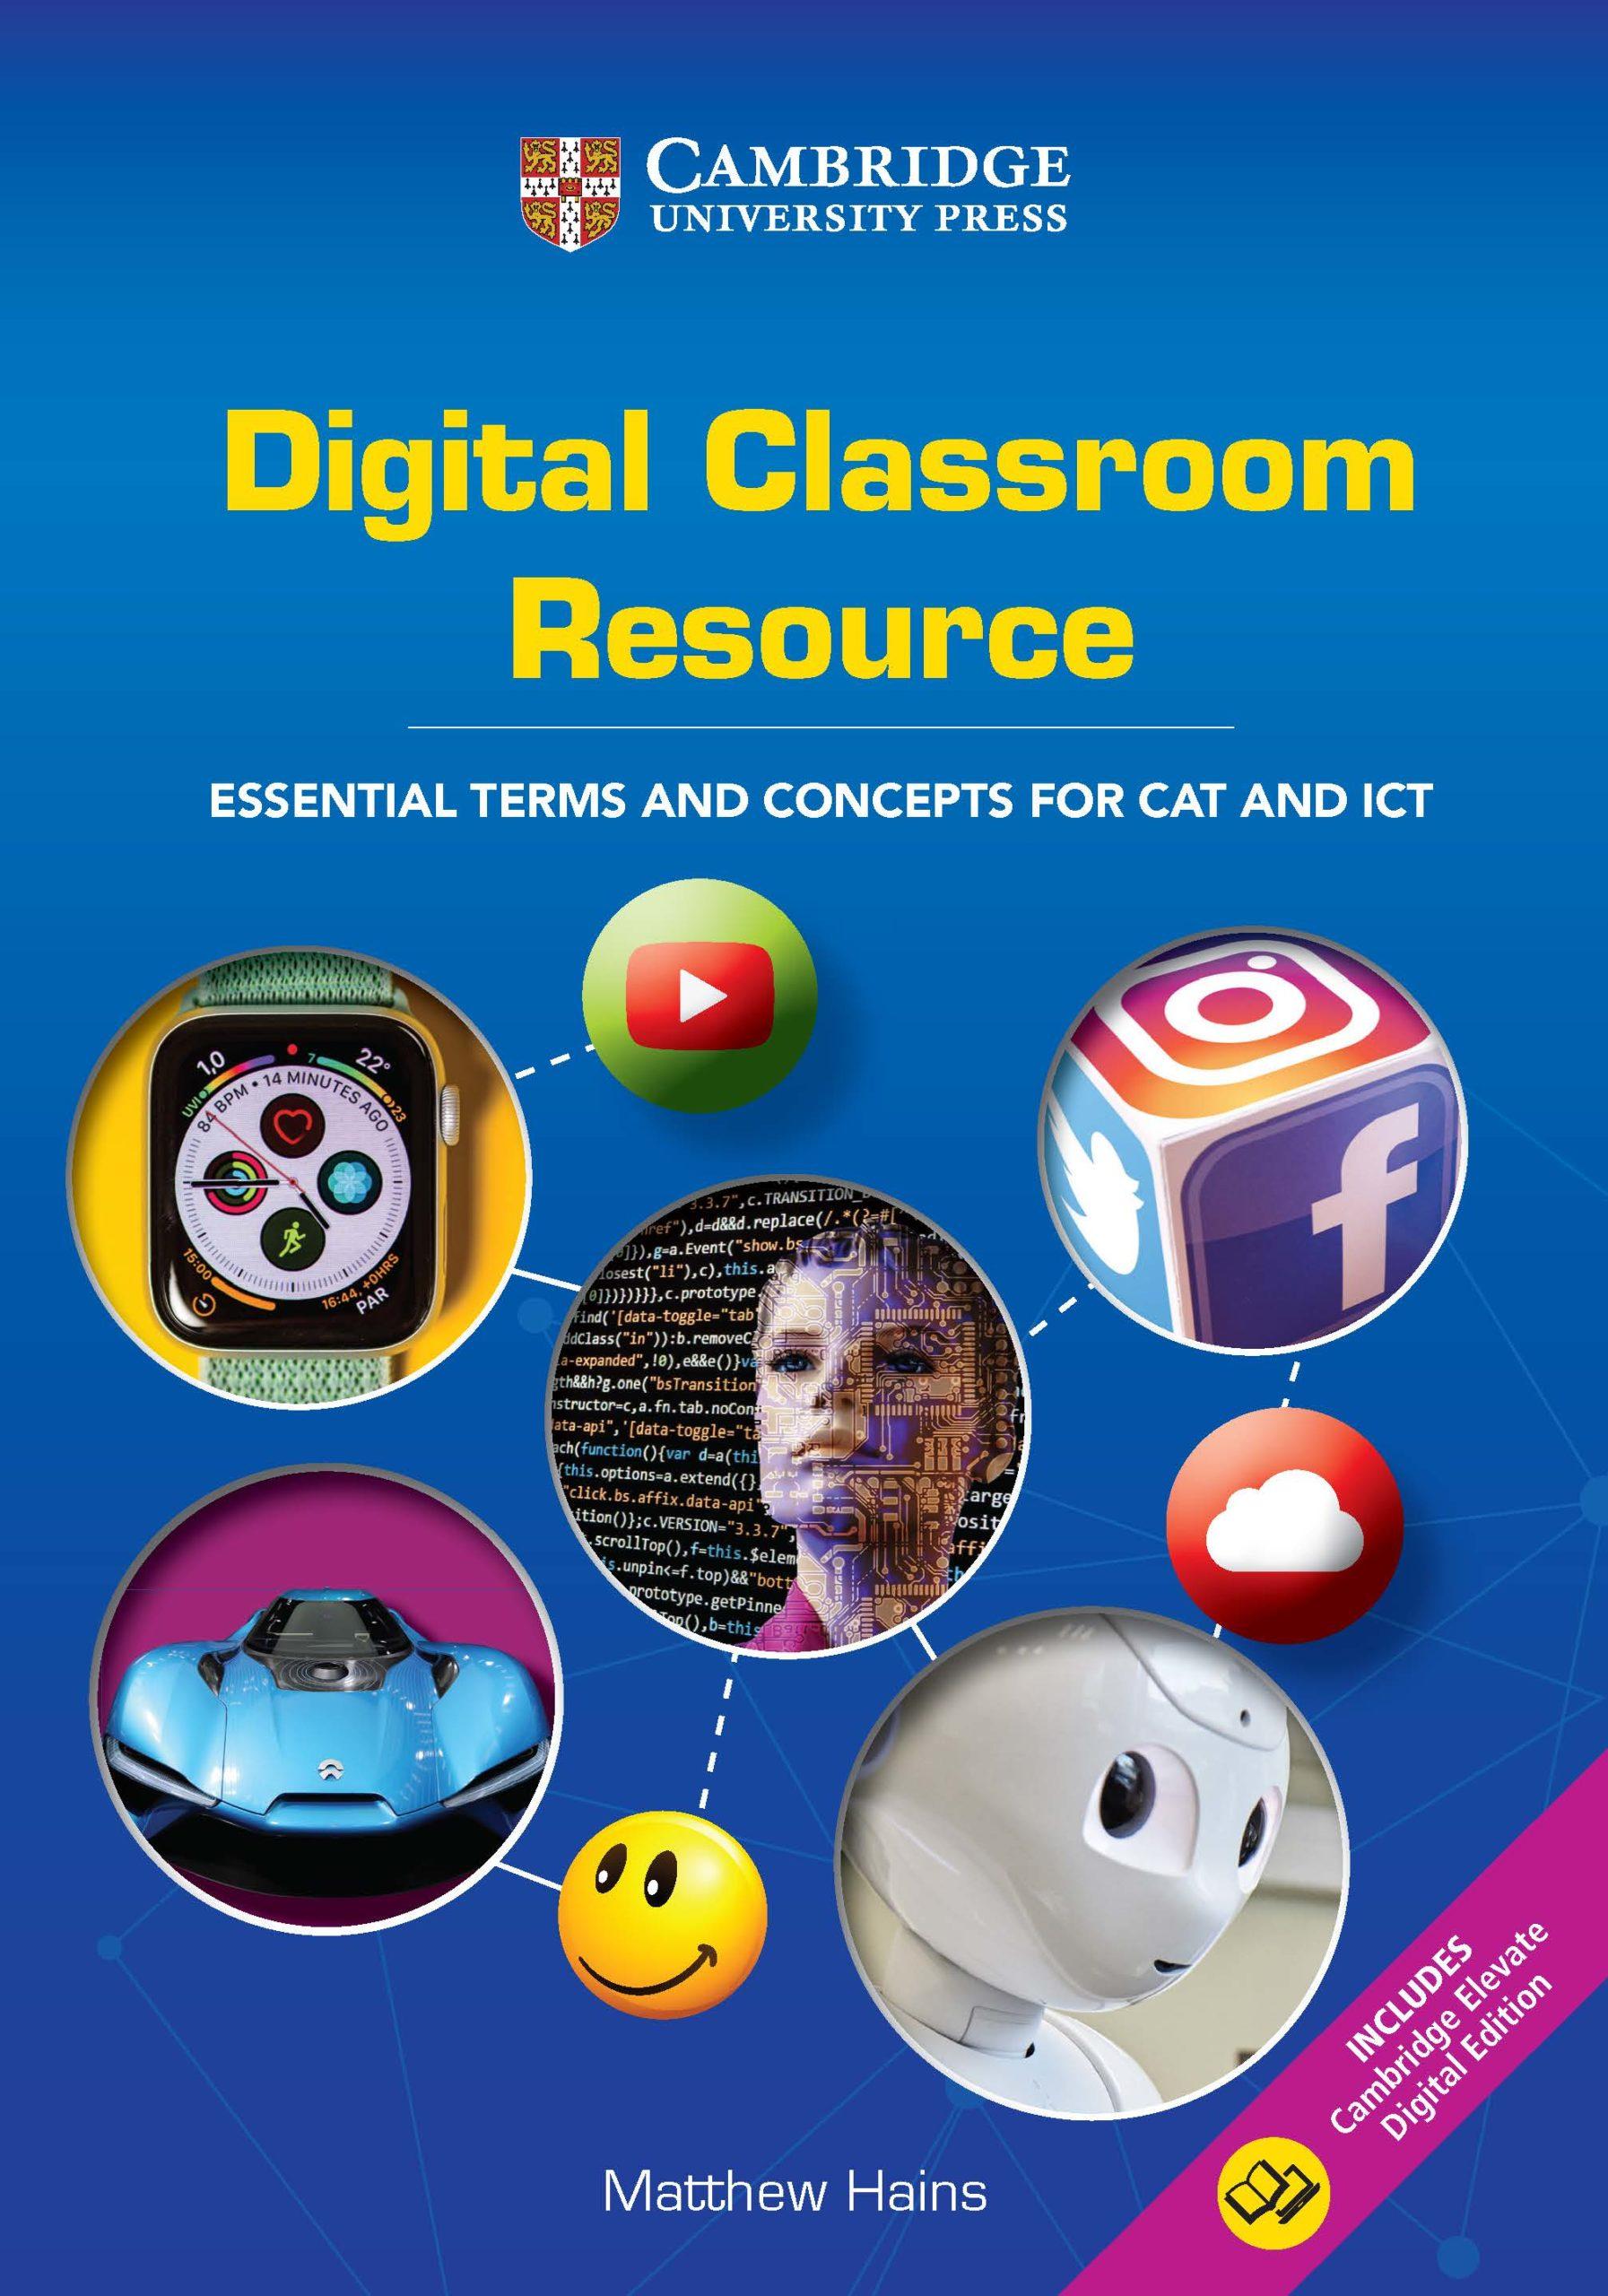 Feedback on my book: Digital Classroom Resource